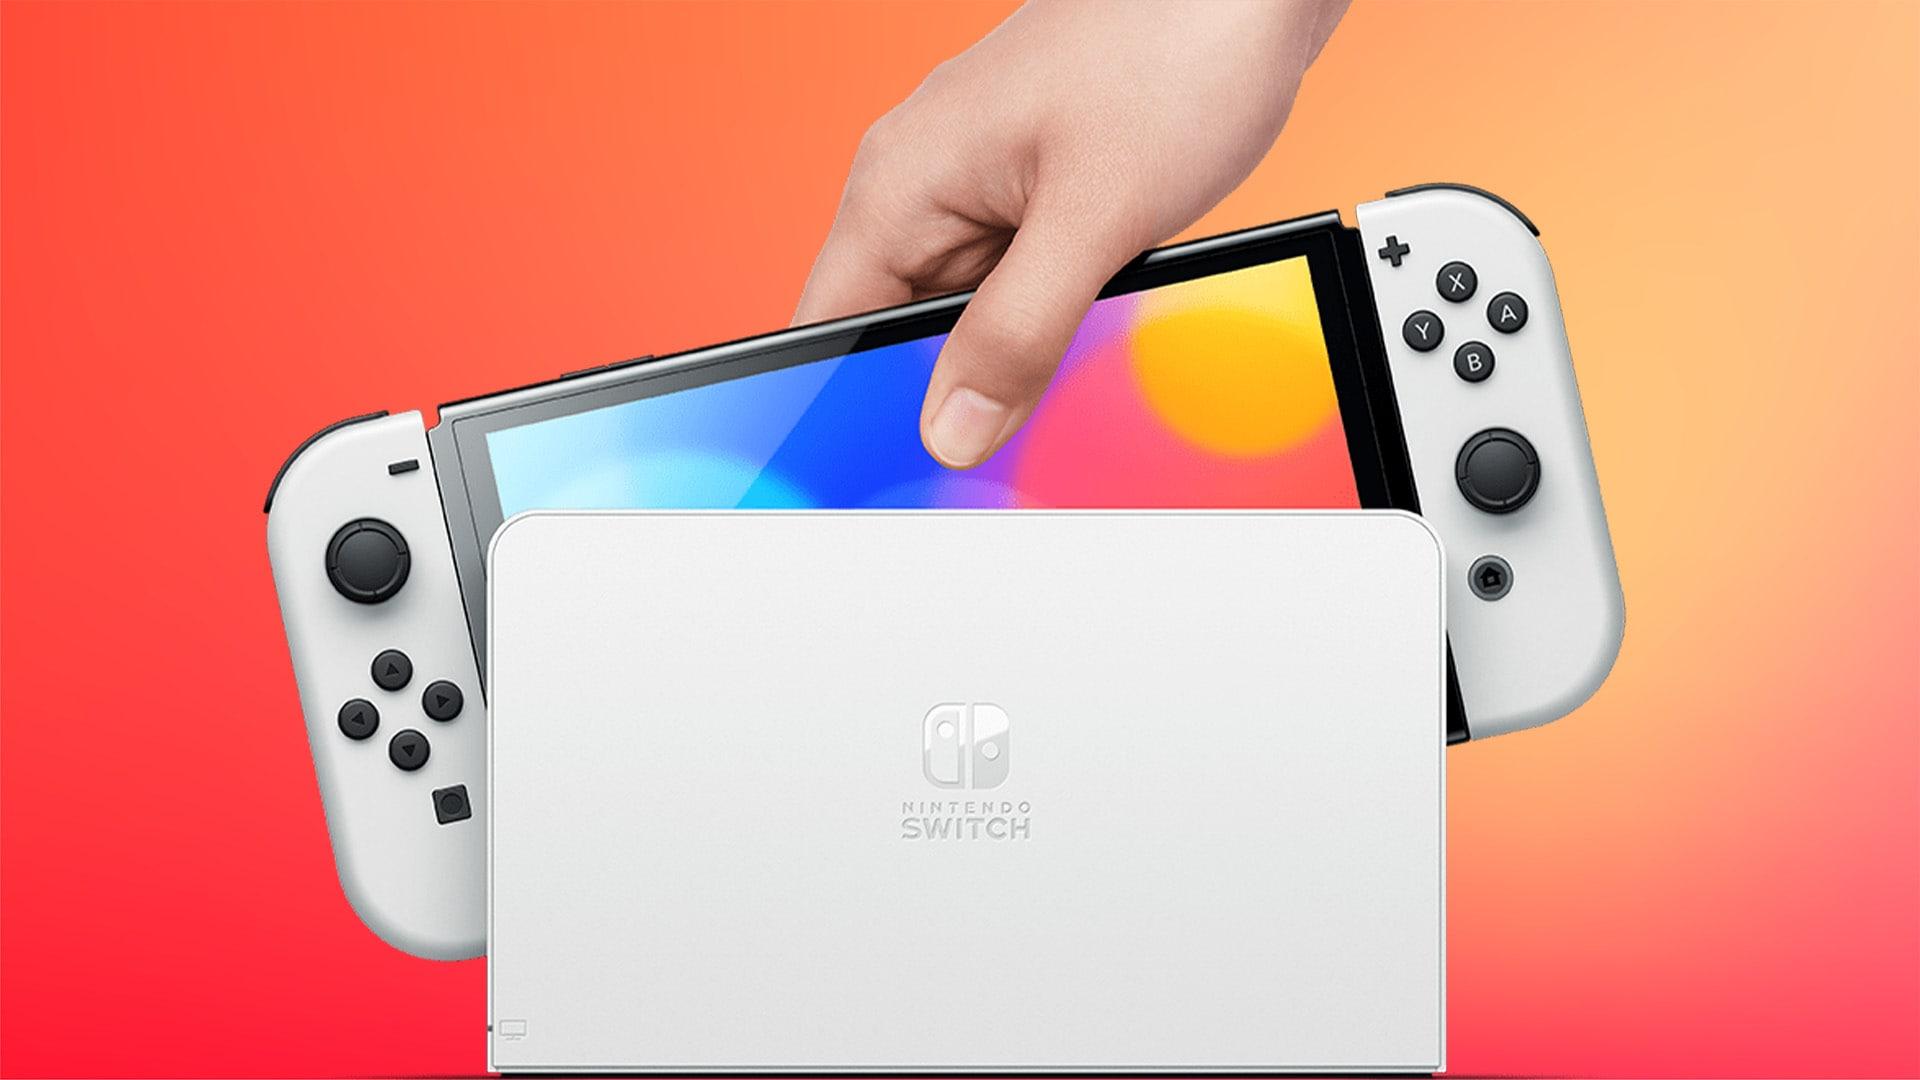 Nintendo Switch OLED: stessa RAM, stesso SoC, stessi Joy-Con, praticamente stessa console?